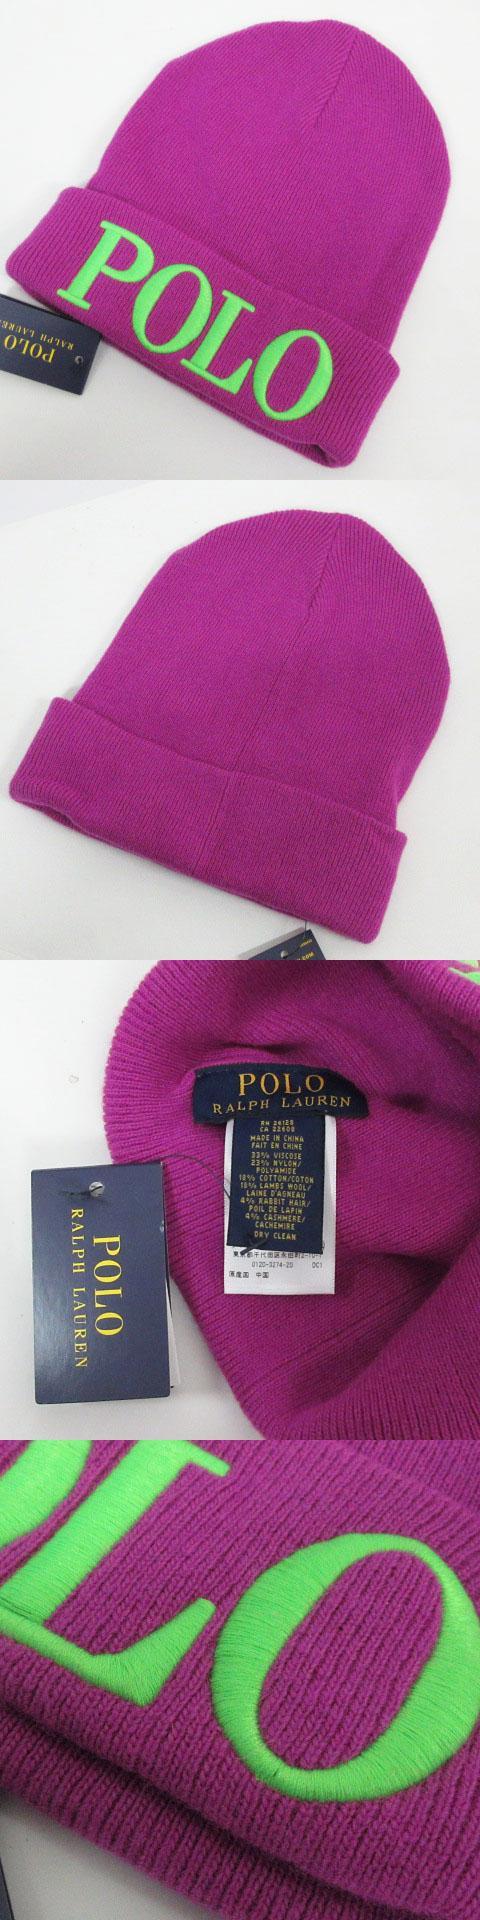 ニットキャップ ロゴ 刺繍 ウール混 紫 帽子